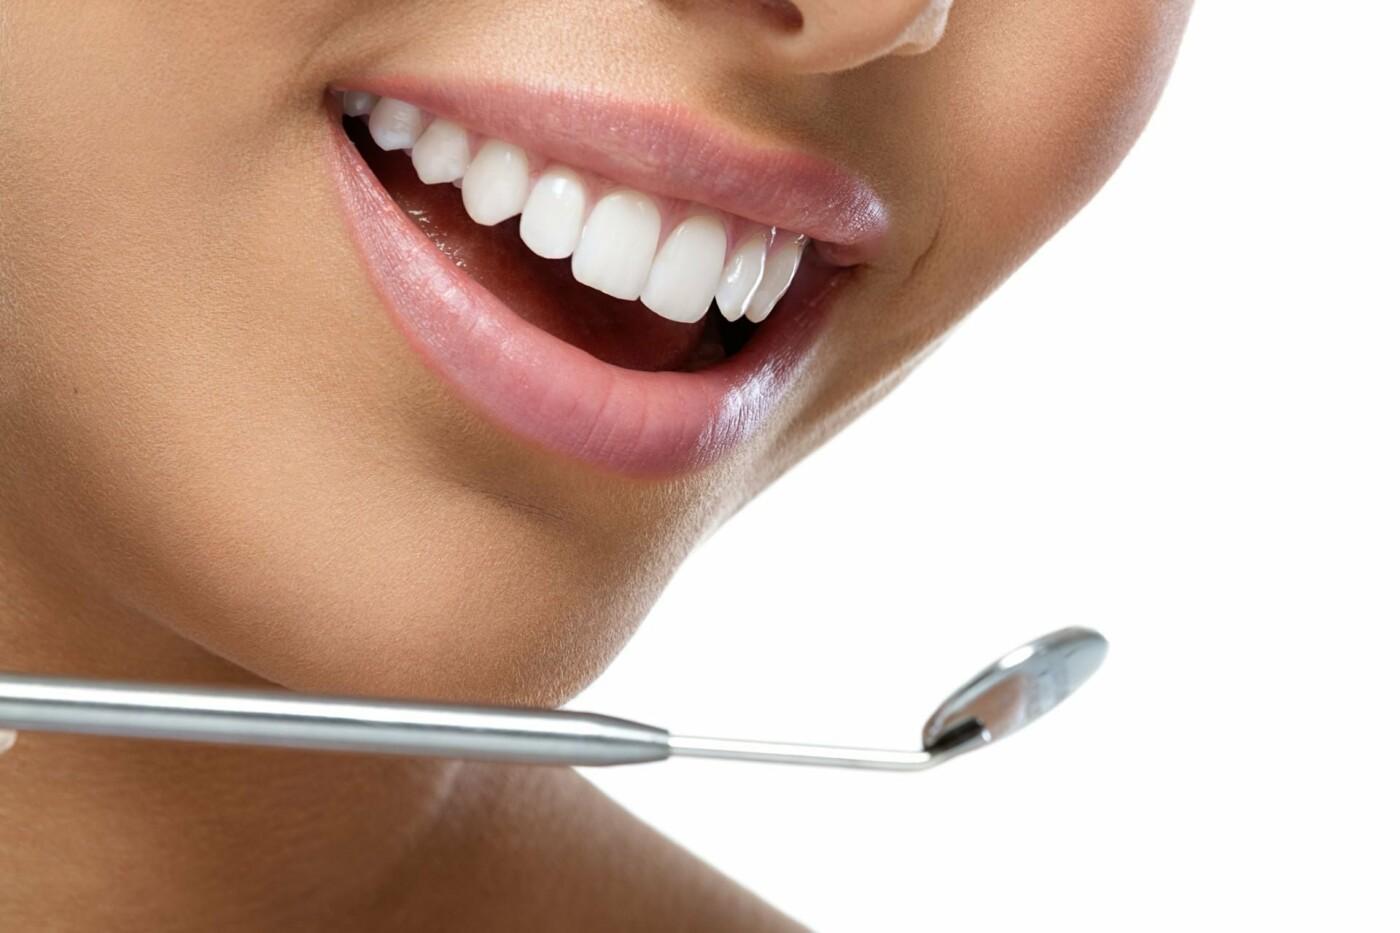 Как избавиться от стоматологической проблемы быстро и безболезненно?, фото-2